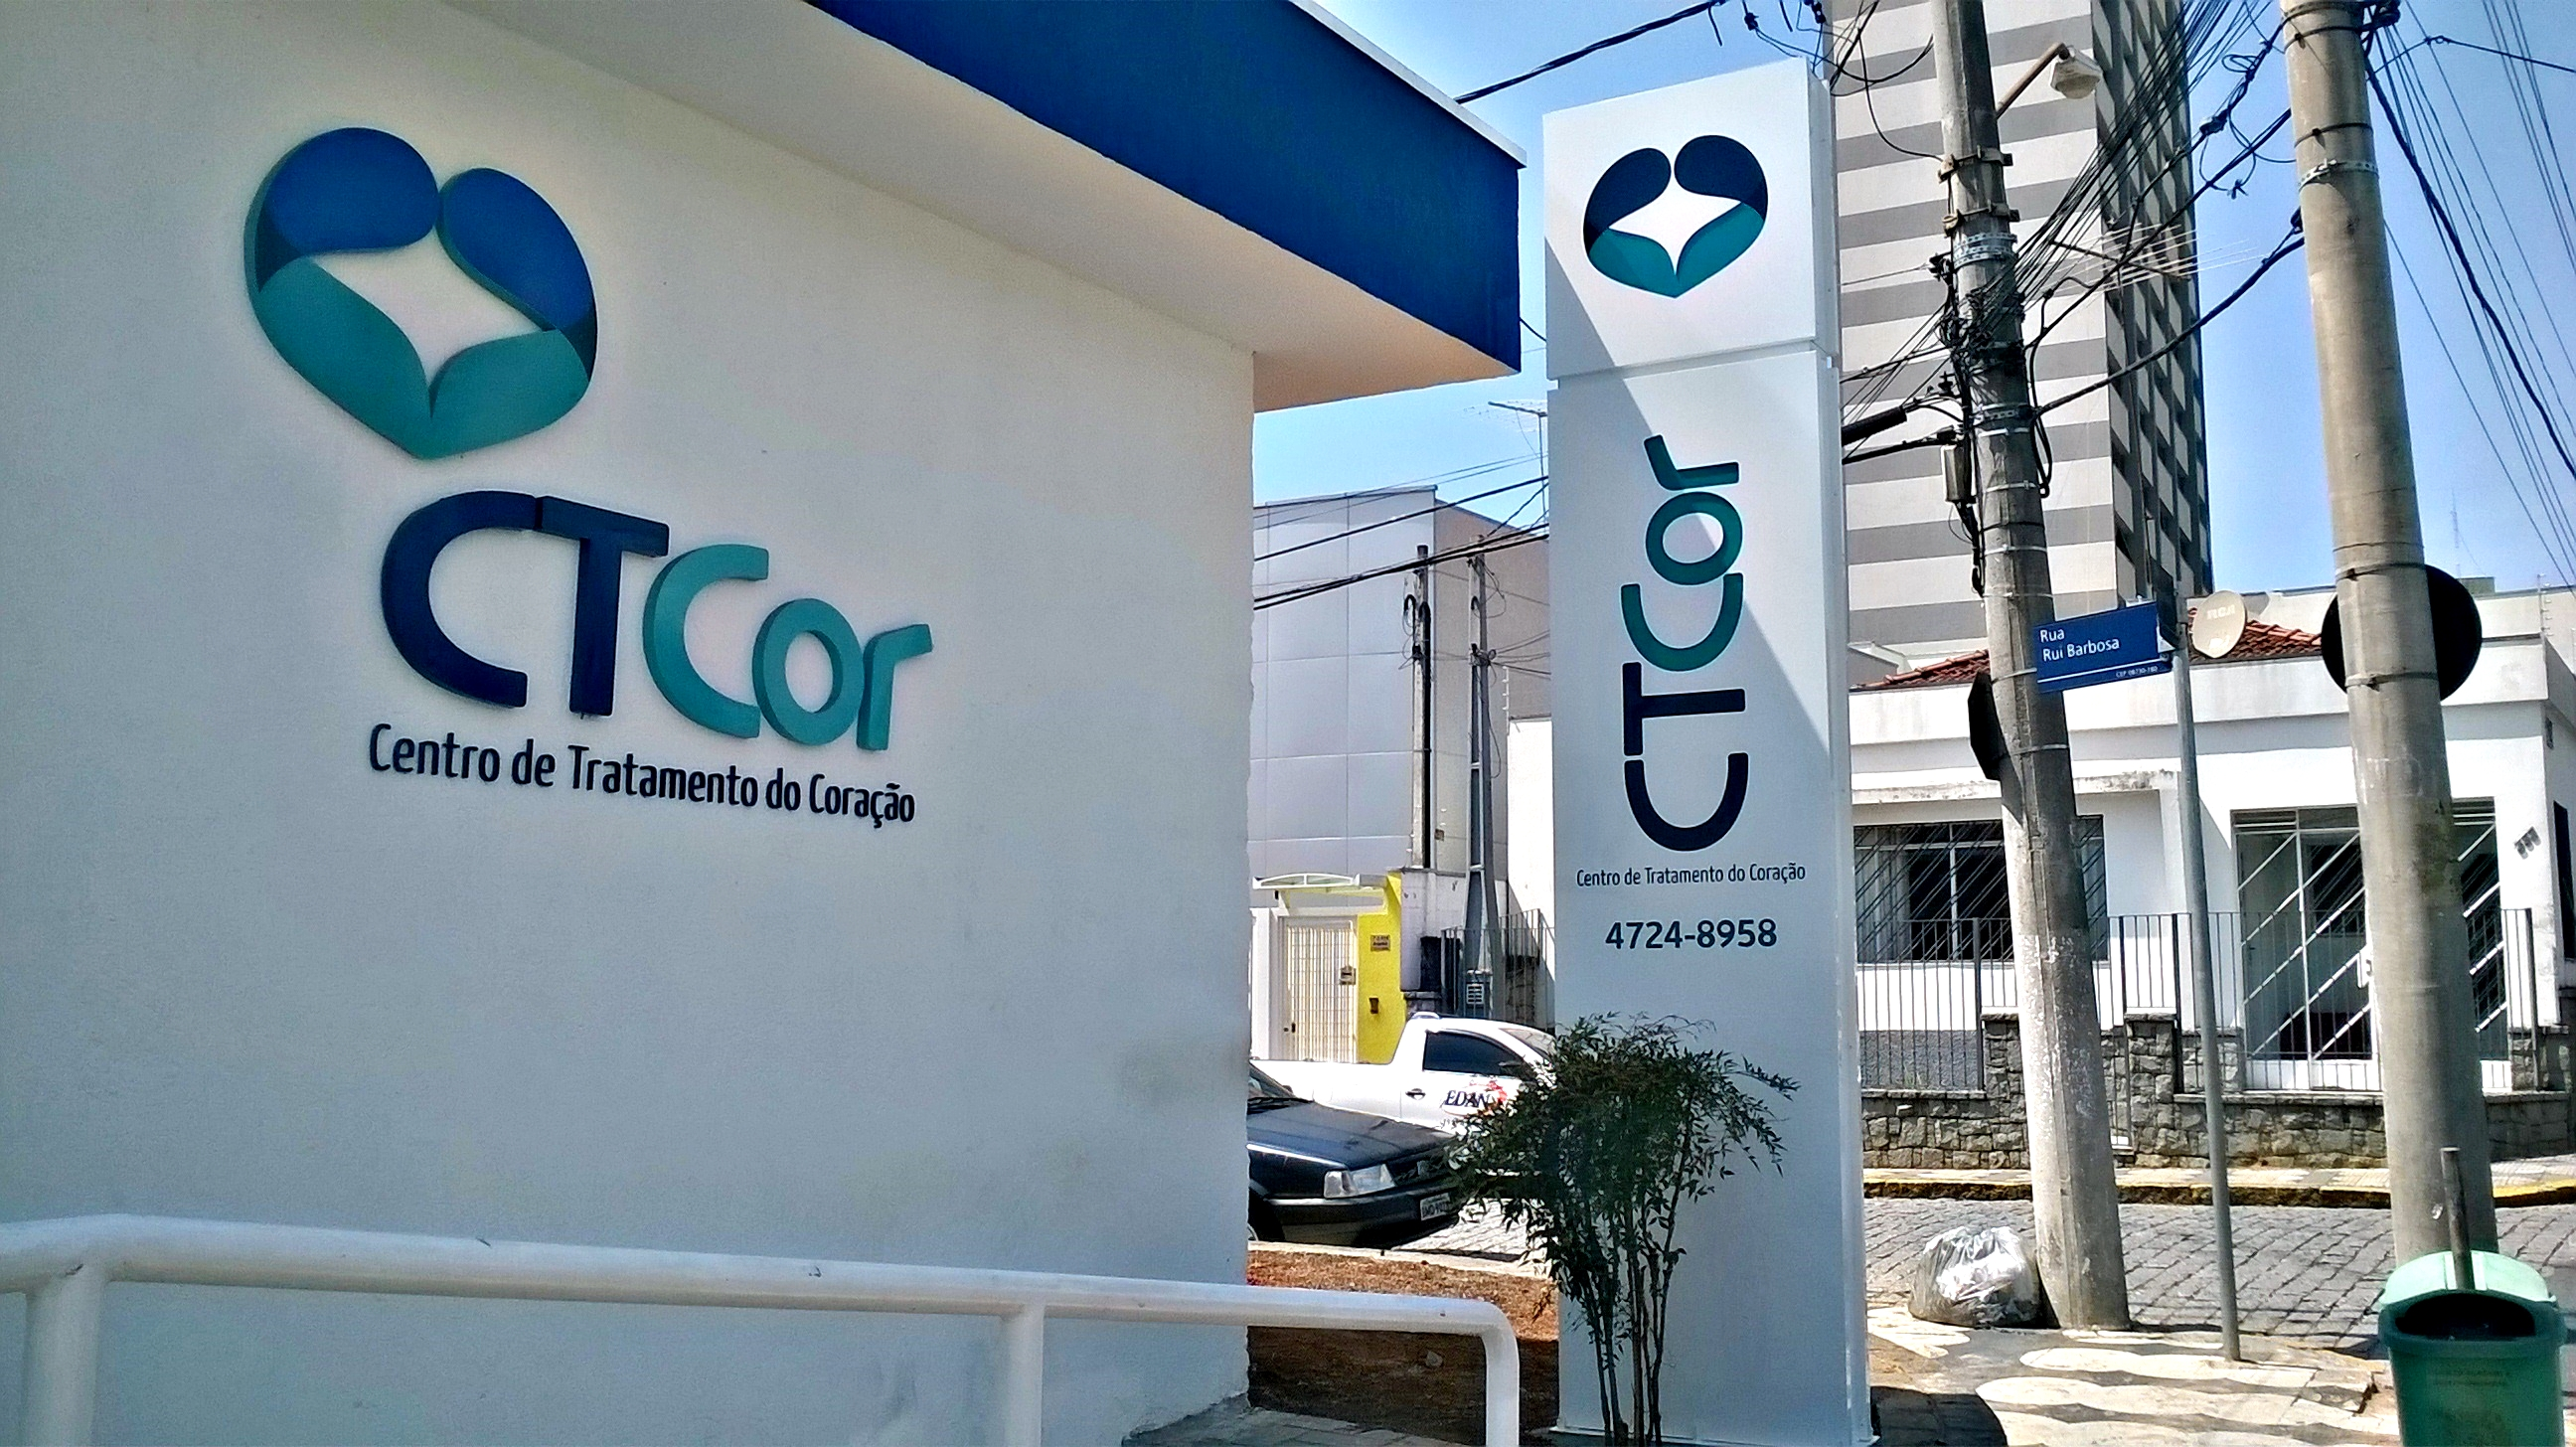 CTCOR